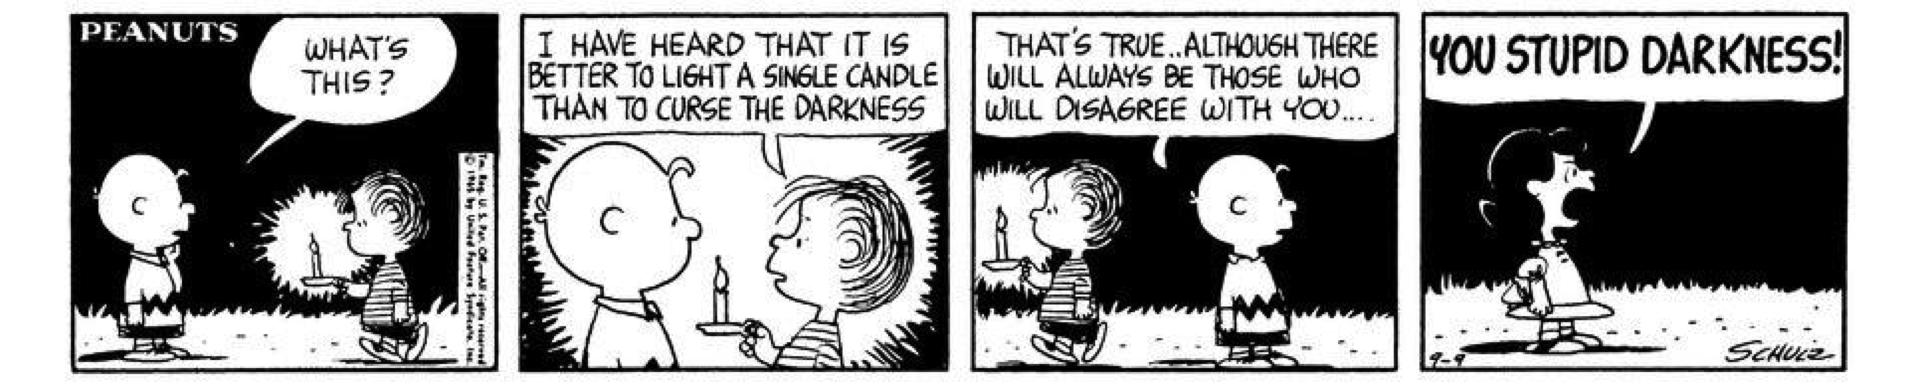 You Stupid Darknes! http://www.gocomics.com/peanuts/1965/09/09.